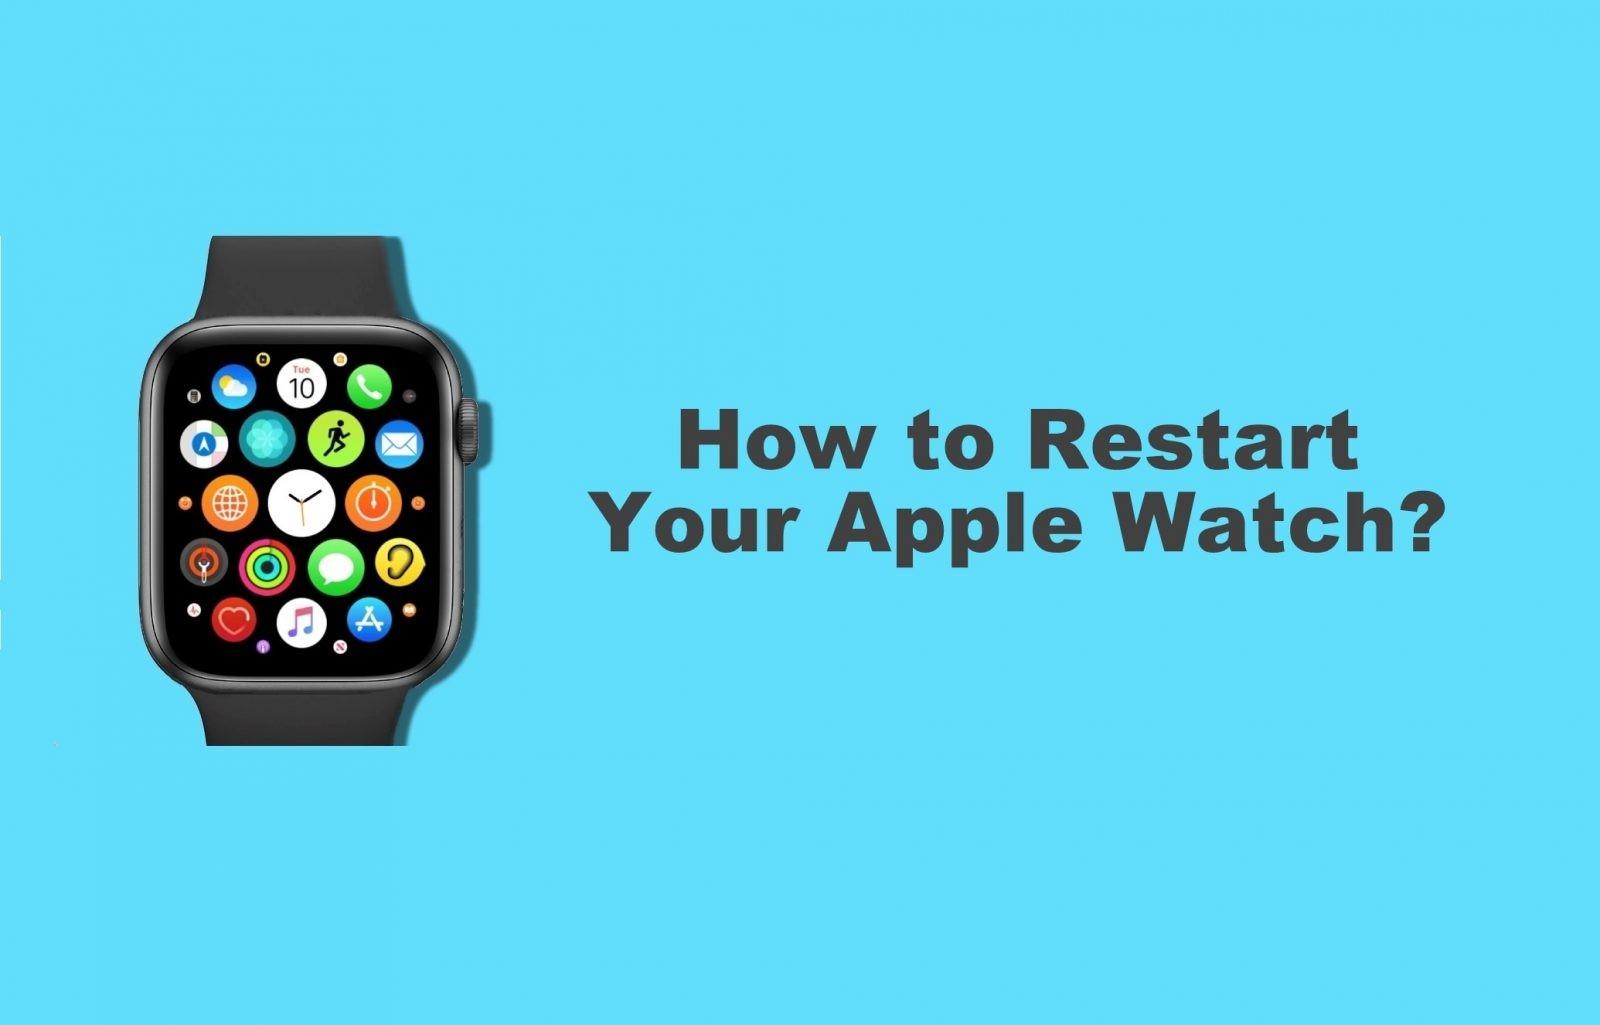 How to Reboot/Restart Your Apple Watch